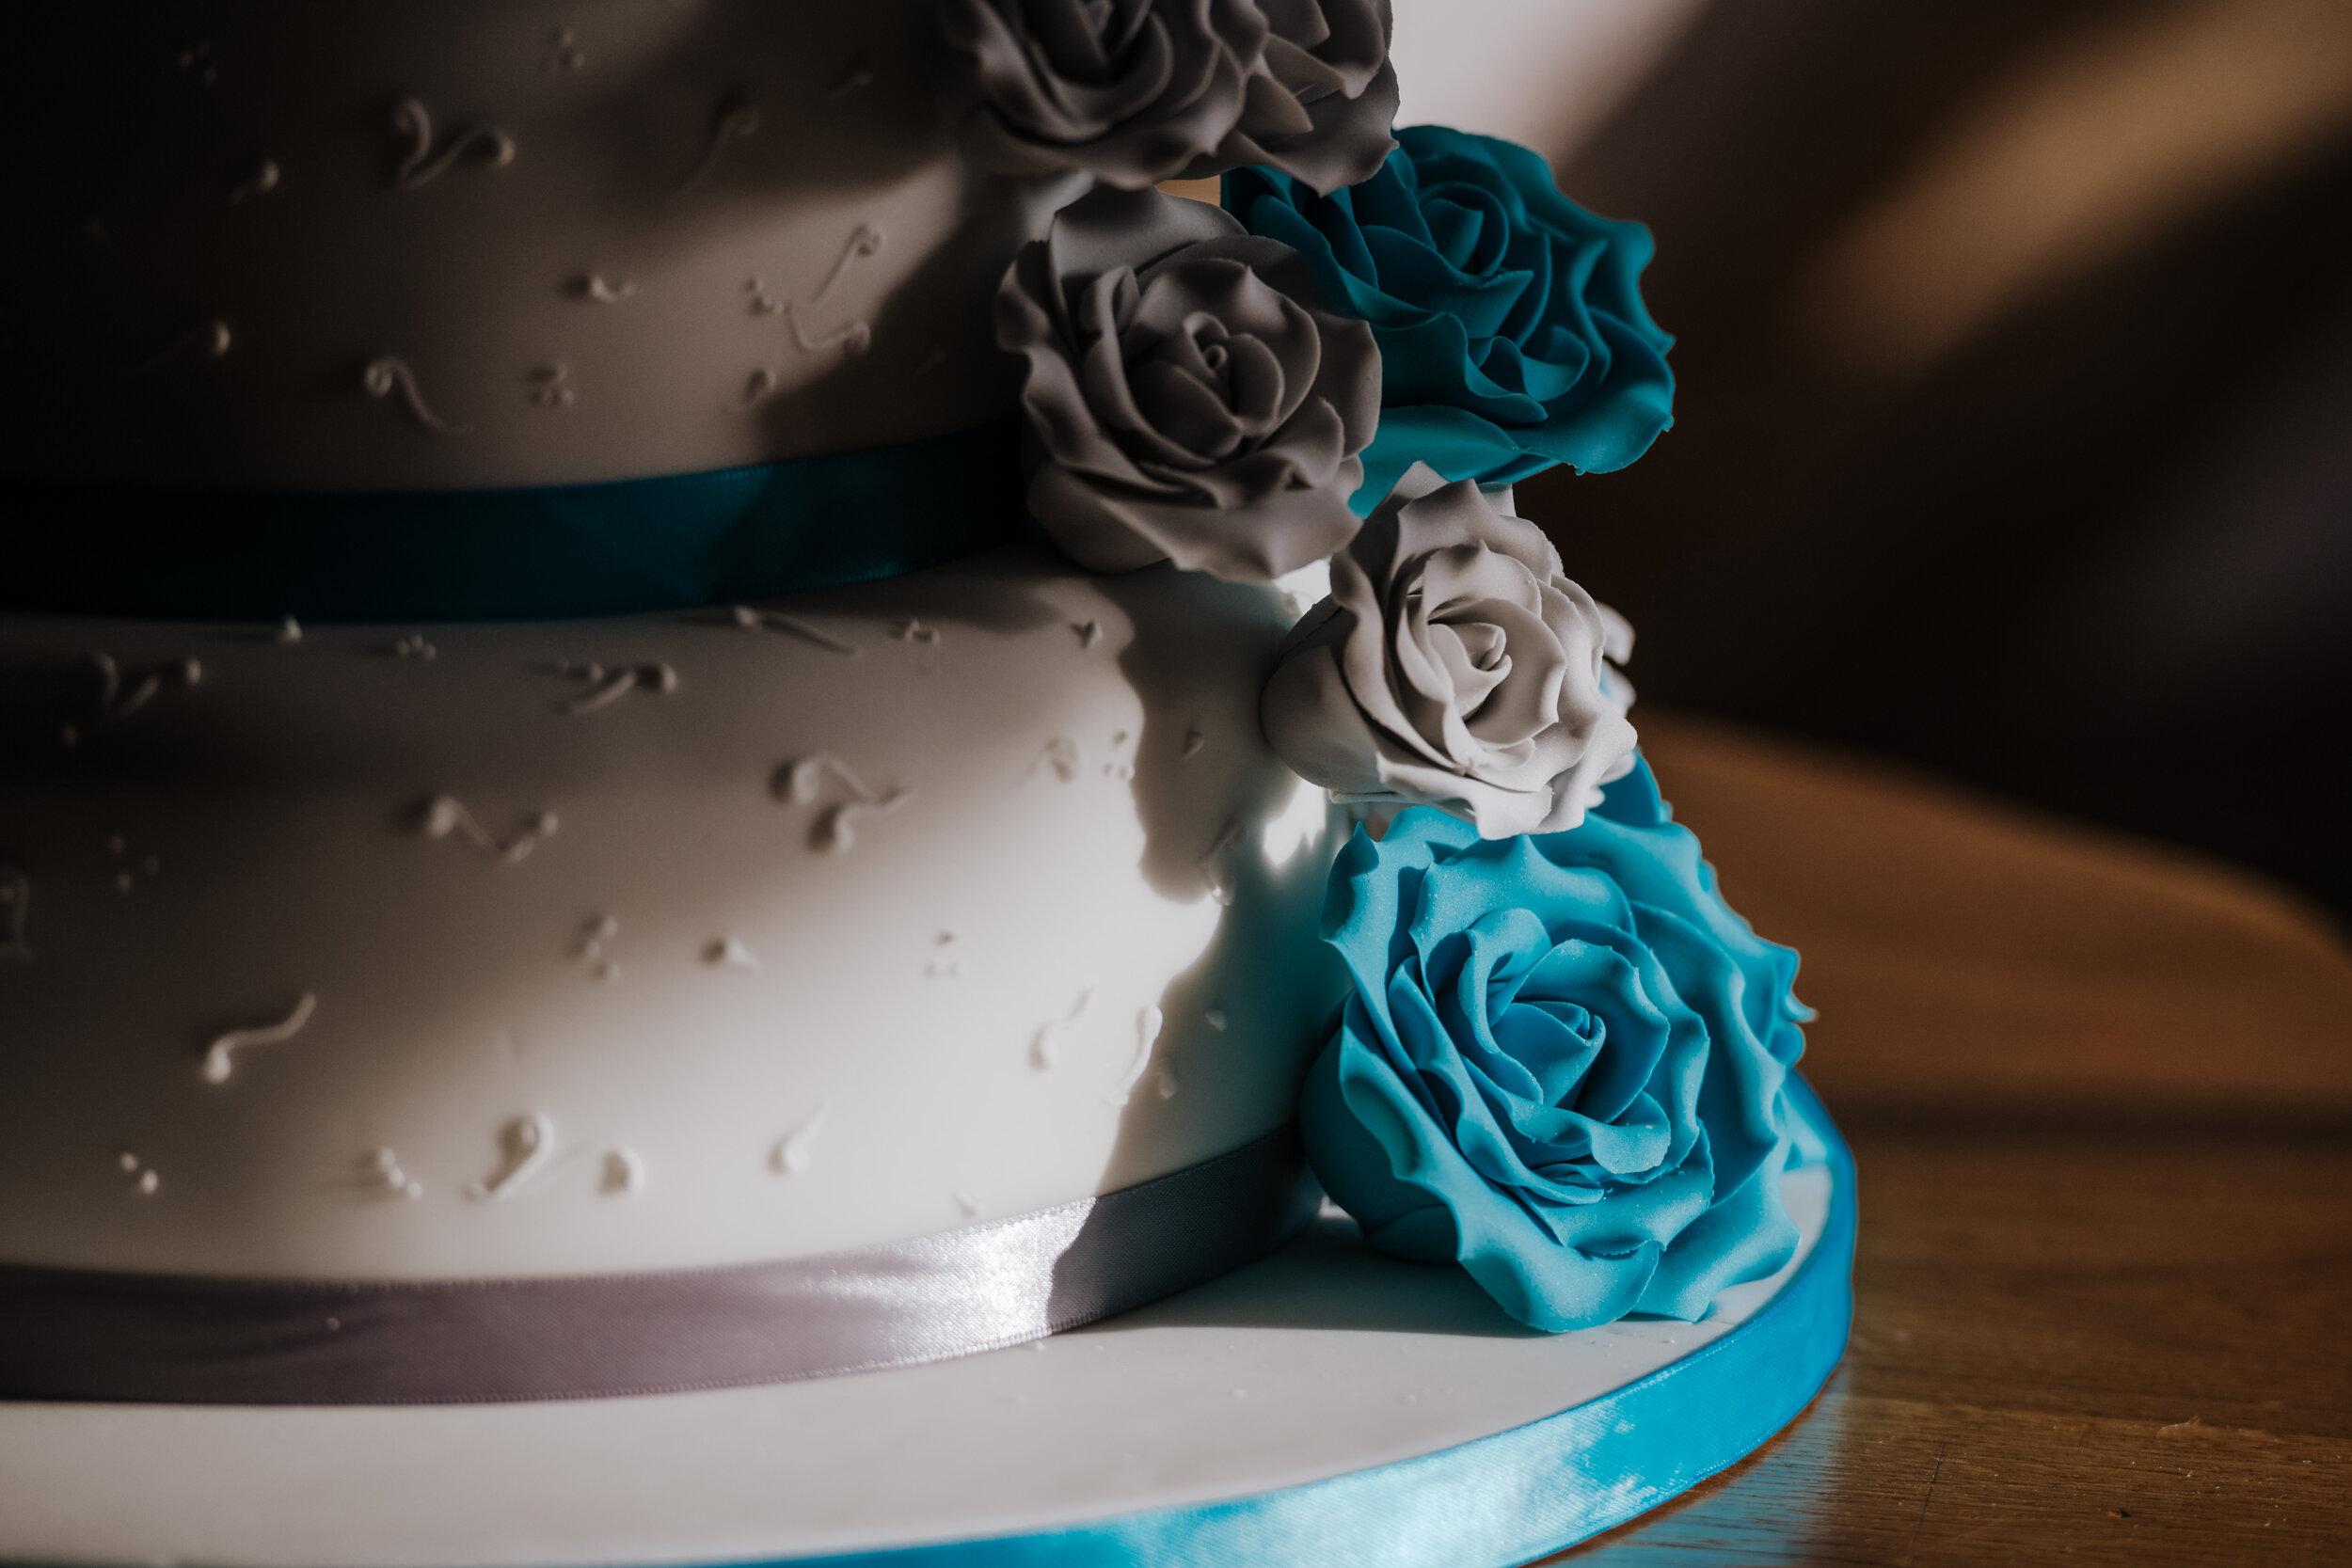 SUFFOLK_WEDDING_PHOTOGRAPHY_ISAACS_WEDDING_VENUE_WEDDINGPHOTOGRAPHERNEARME_iPSWICHWEDDINGPHOTOGRAPHER (77).jpg